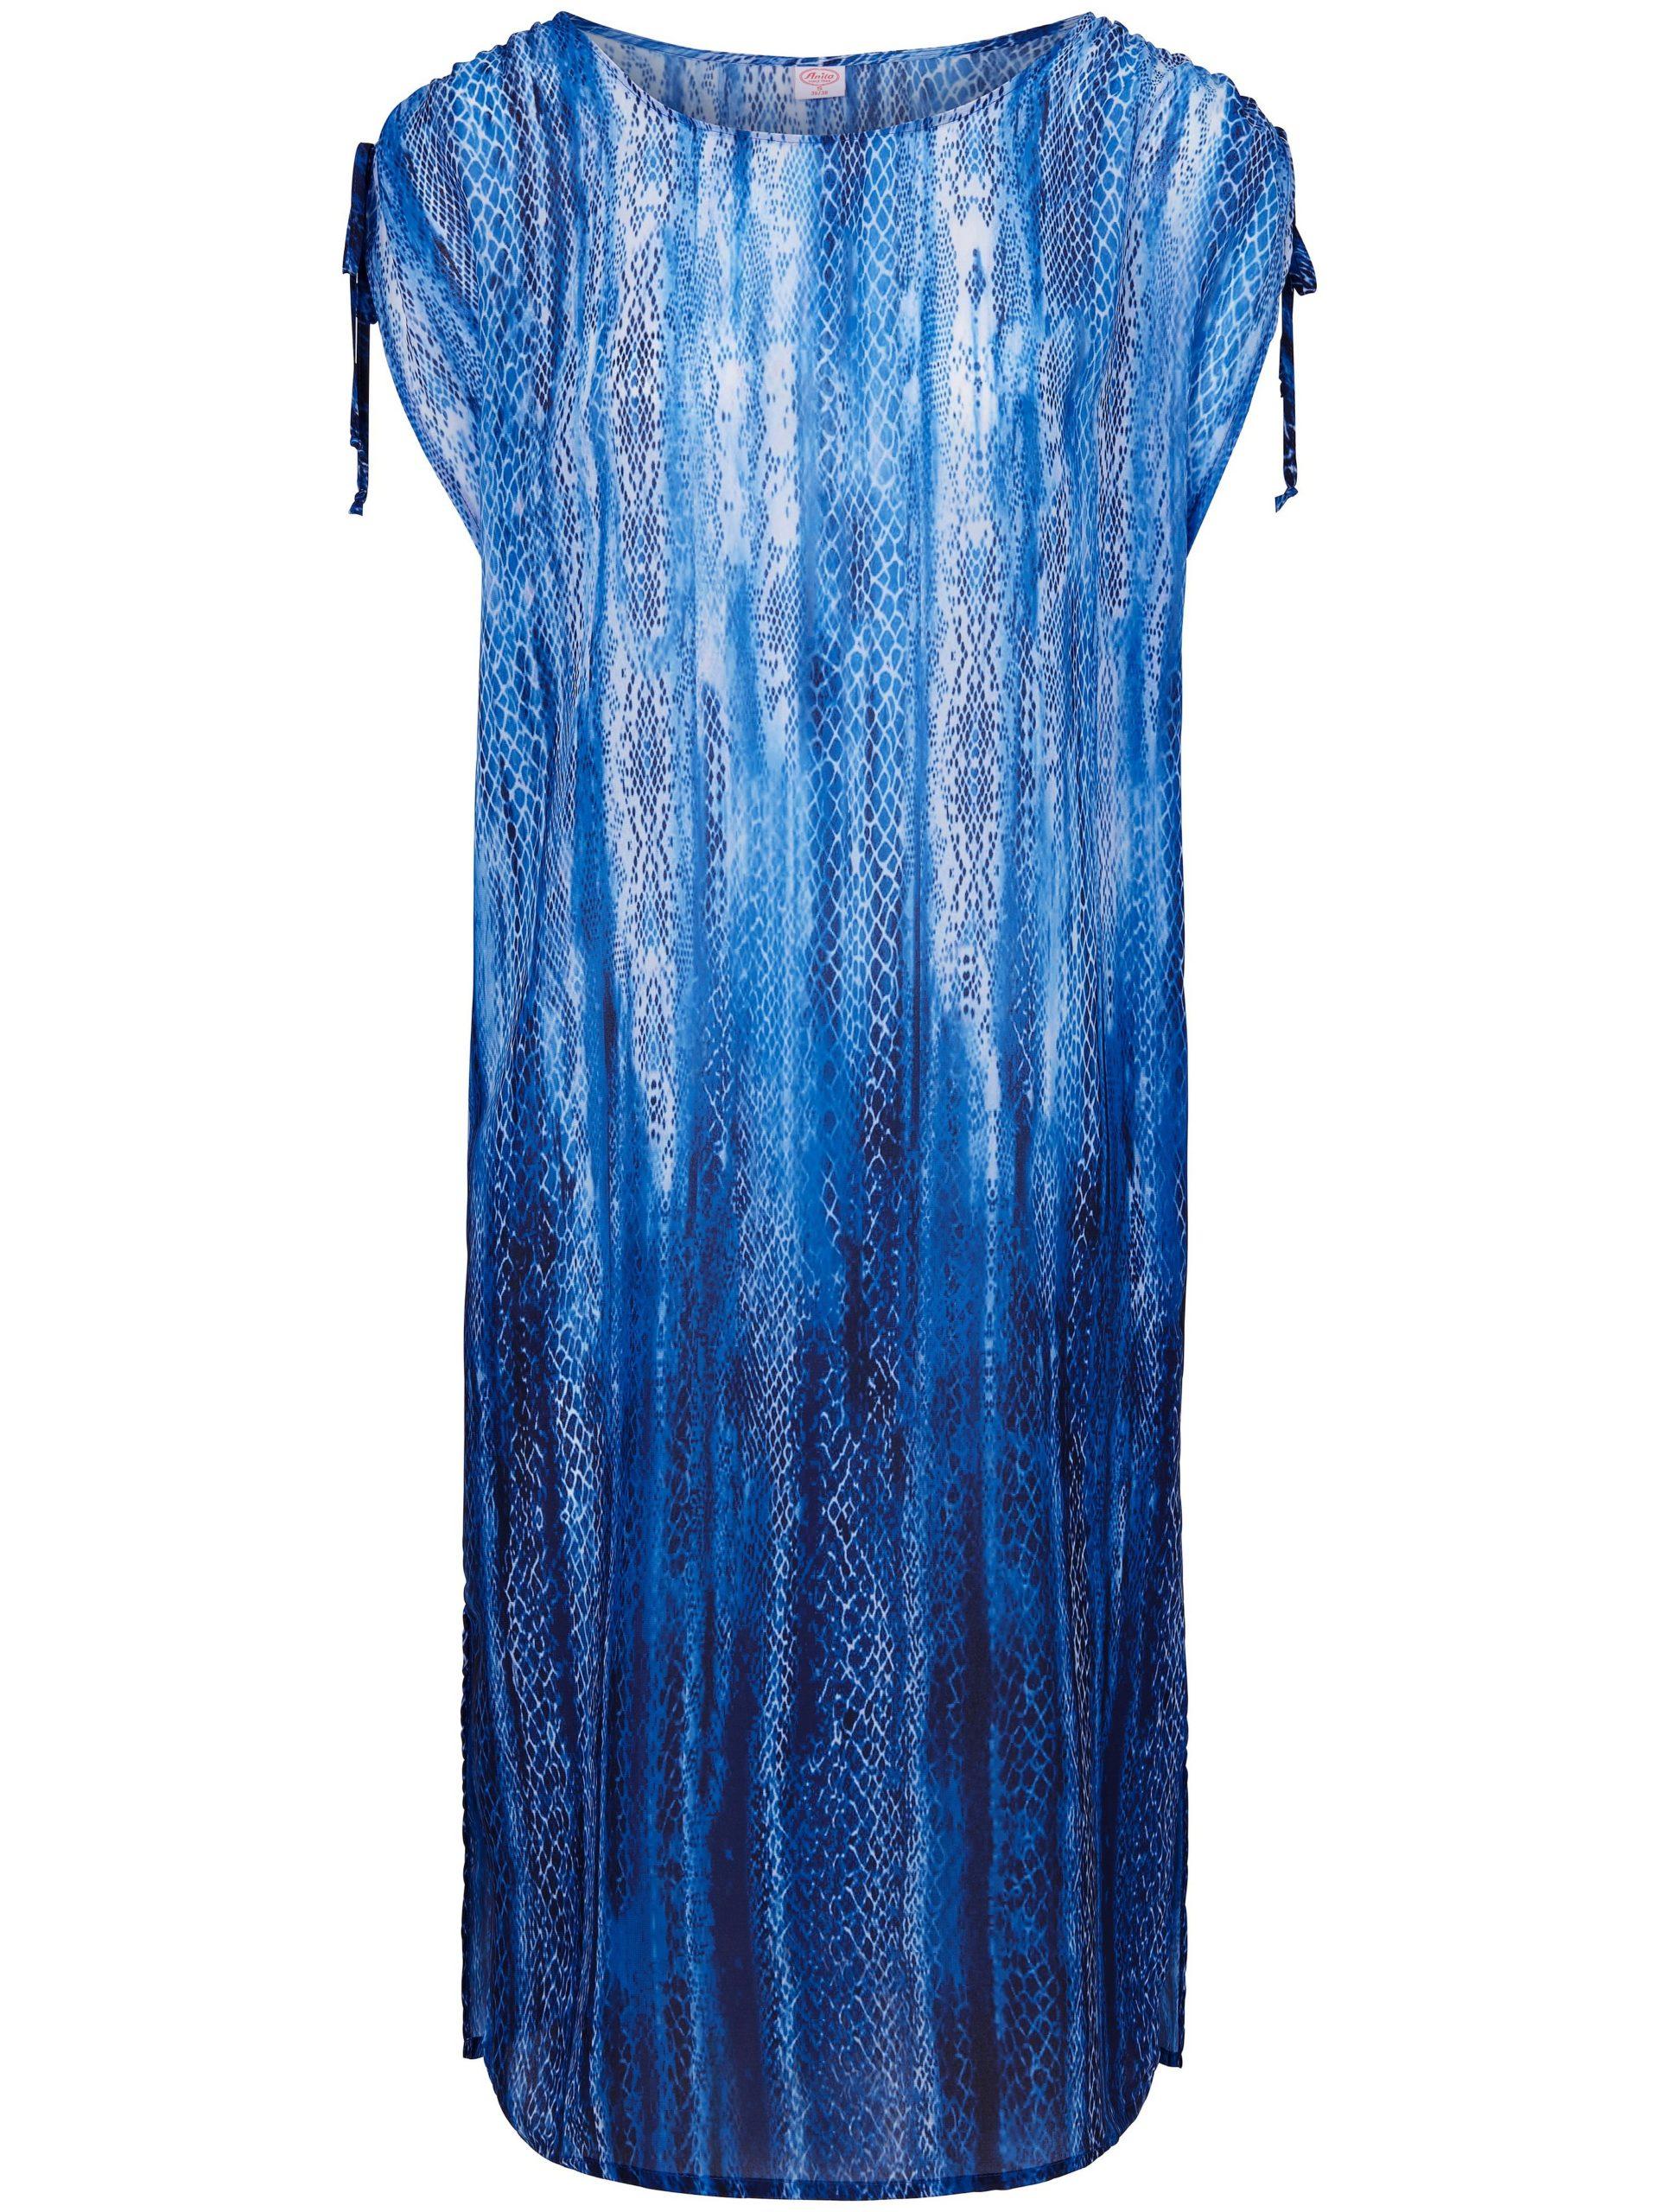 Jurk met verlaagde schoudernaden en snake-print Van Anita blauw Kopen